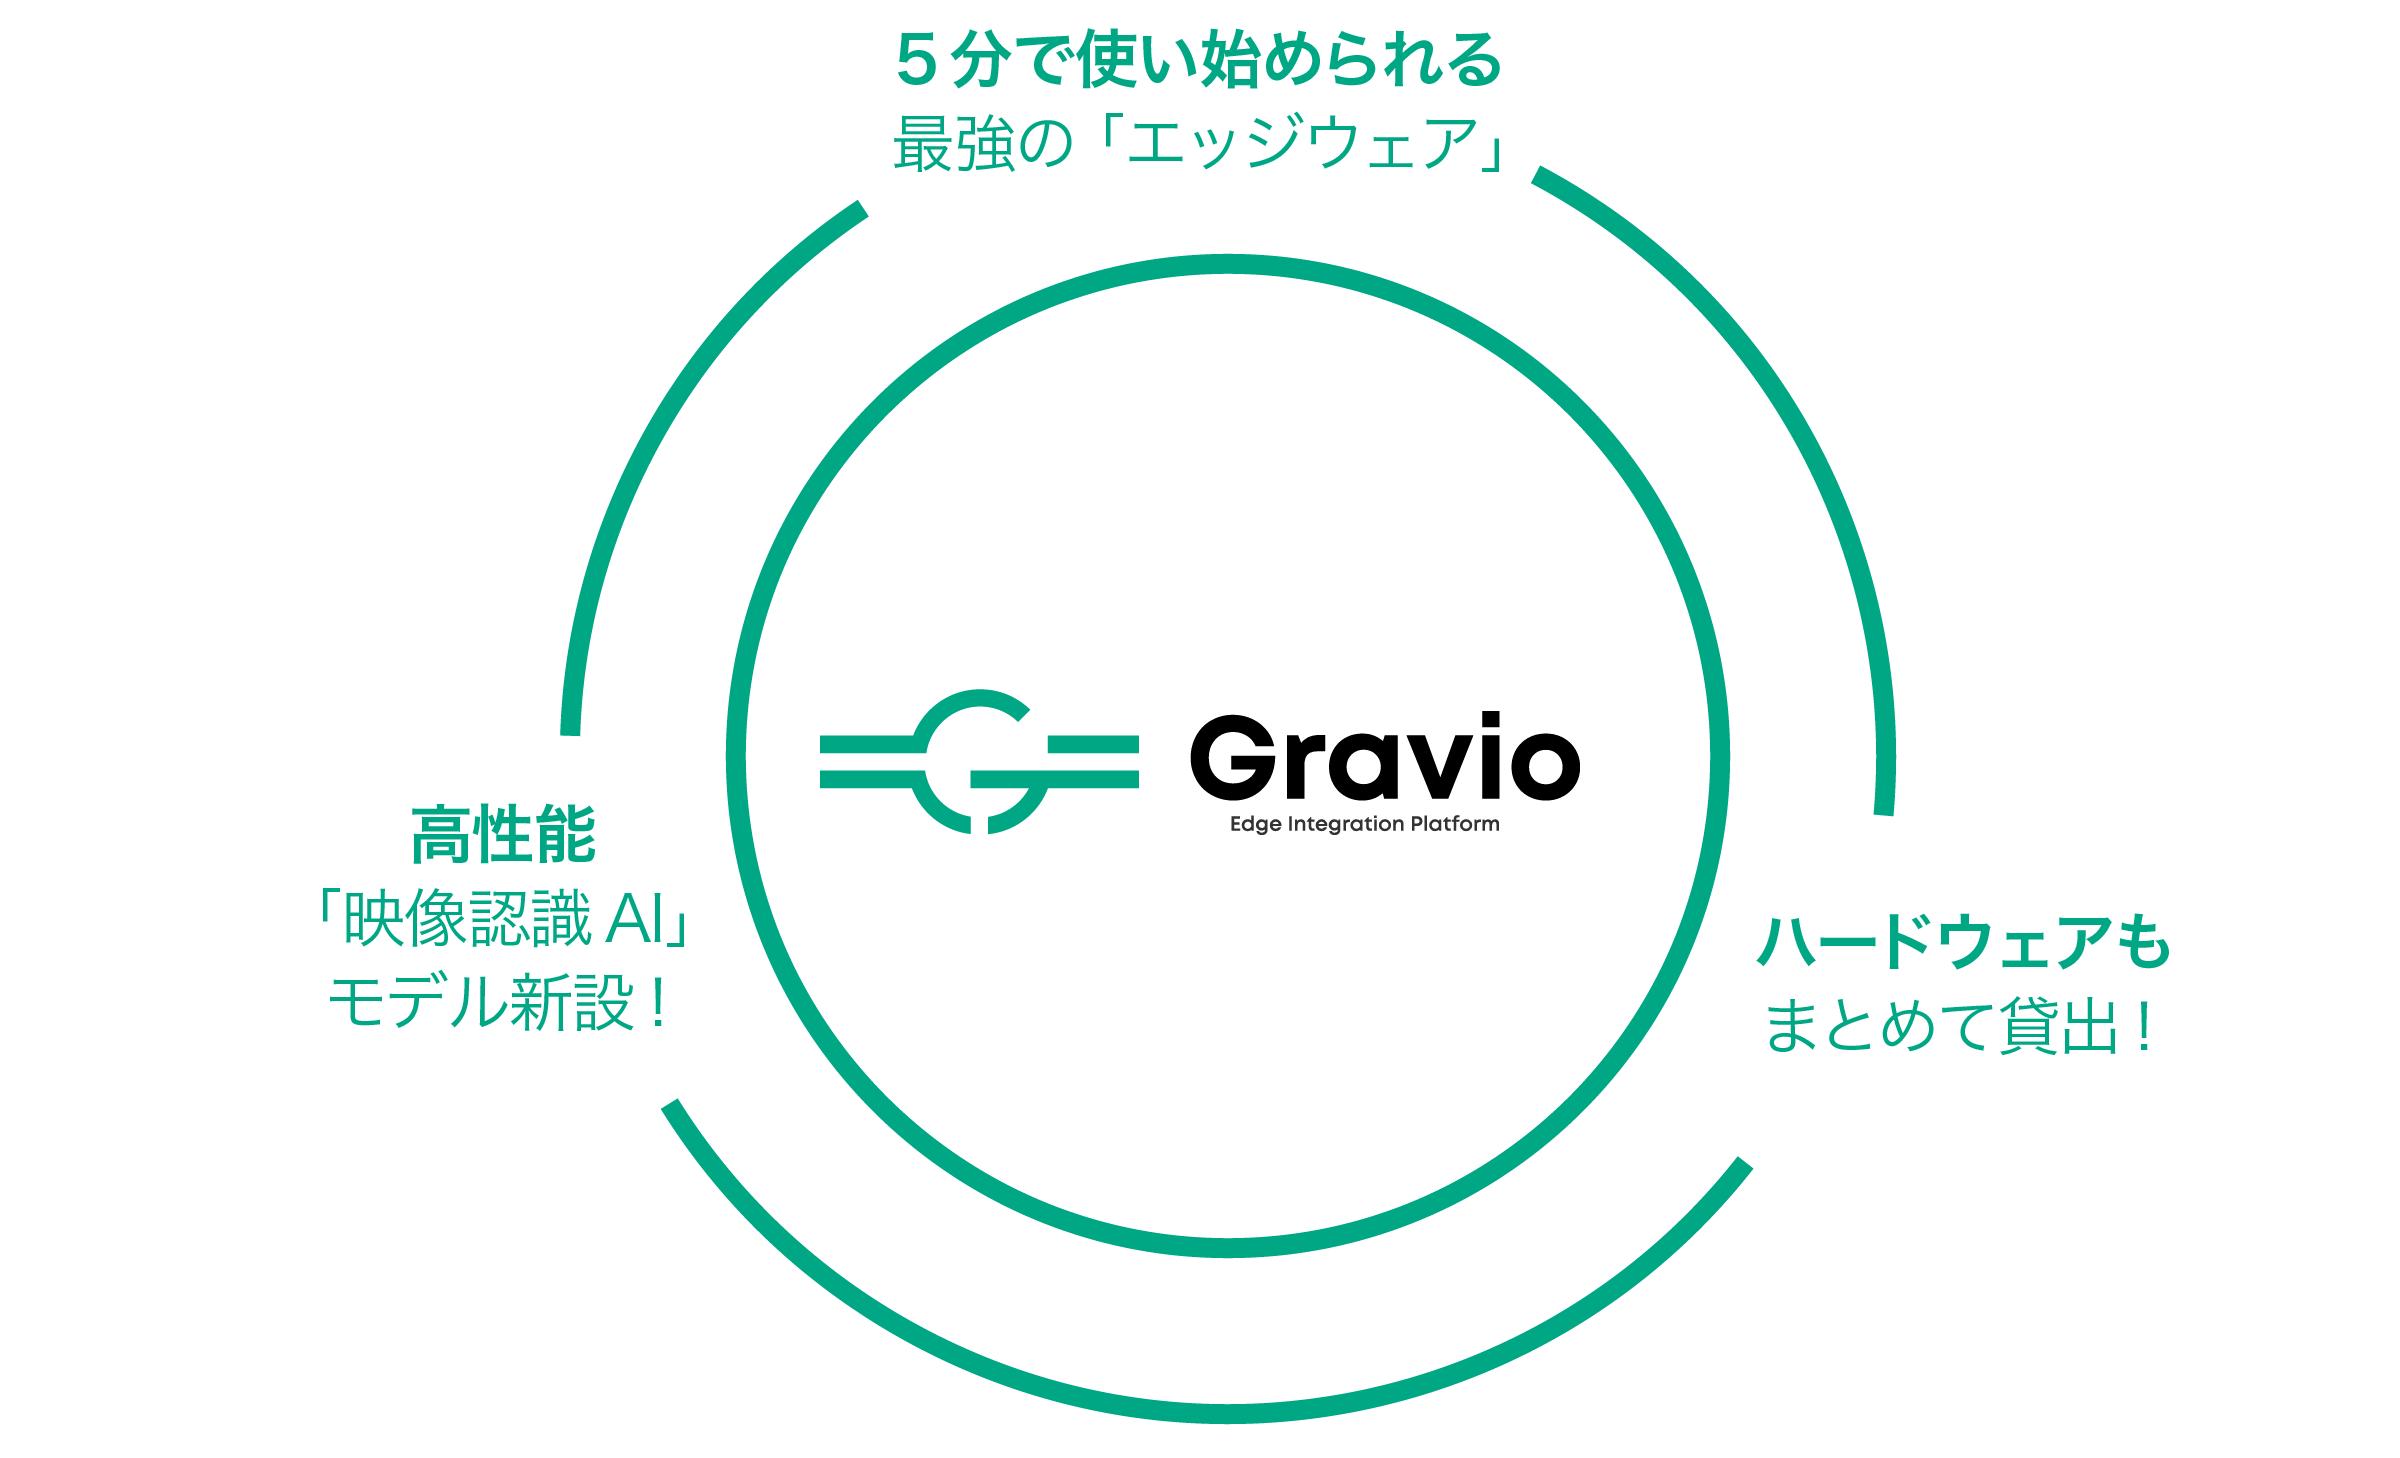 5分で使い始められる最強の「エッジウェア」、ハードウェアもまとめて貸出!高性能「映像認識AI」モデル新設!Gravio Edge Integration Platform